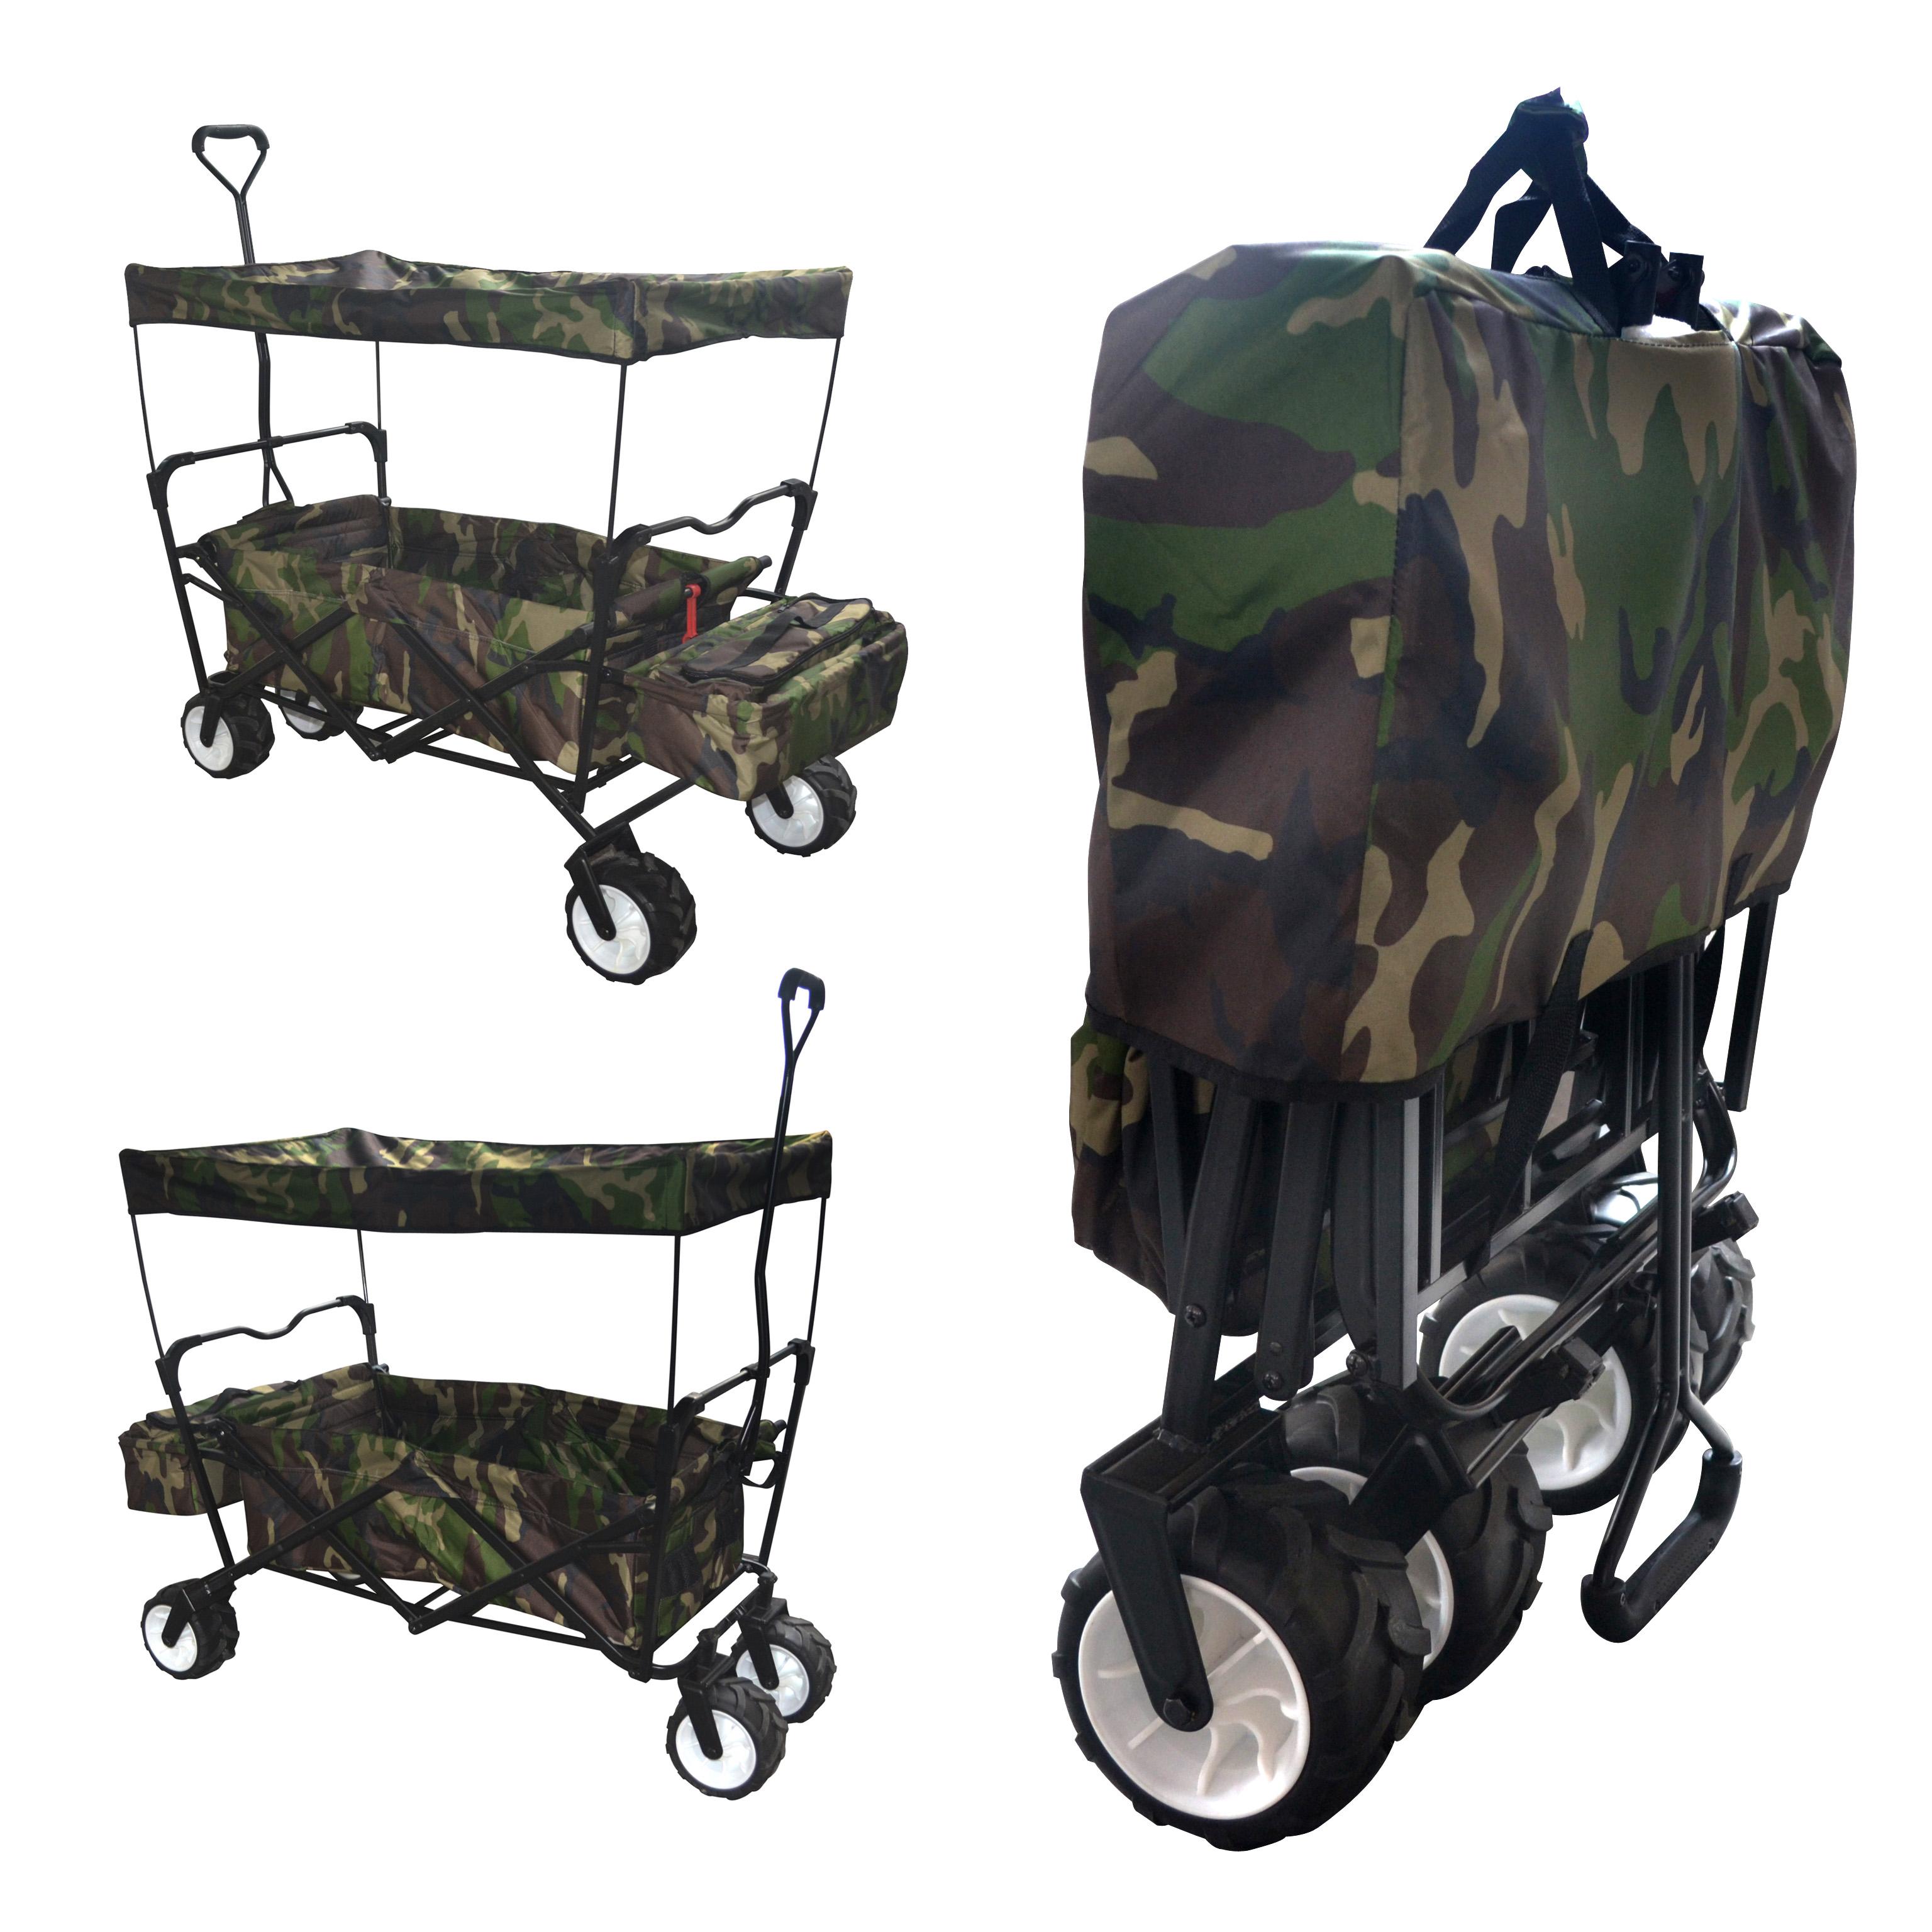 Camo Outdoor Folding Wagon Canopy Garden Utility Travel